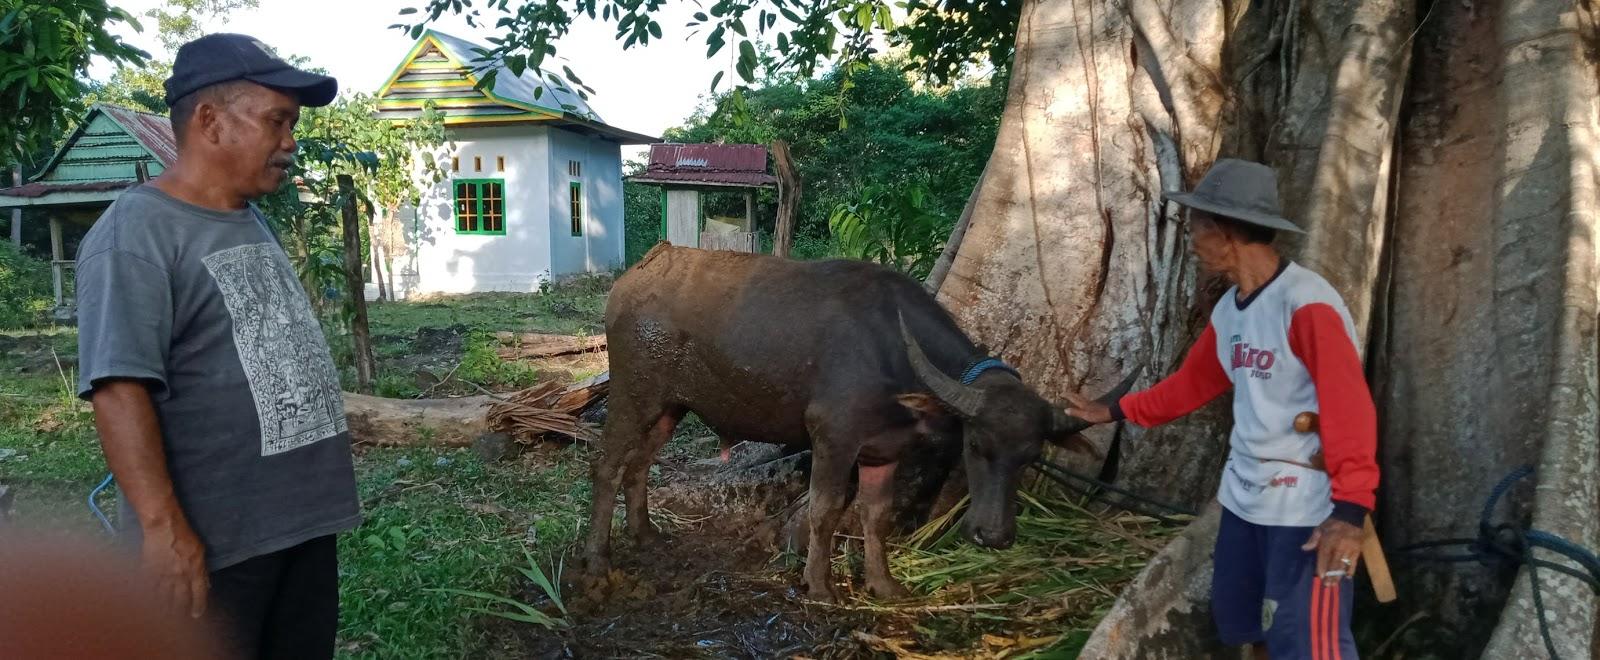 Acara Adat Mattojang dan Potong Kerbau di Dusun Kajuara, akan Dilaksanakan 2 November 2020